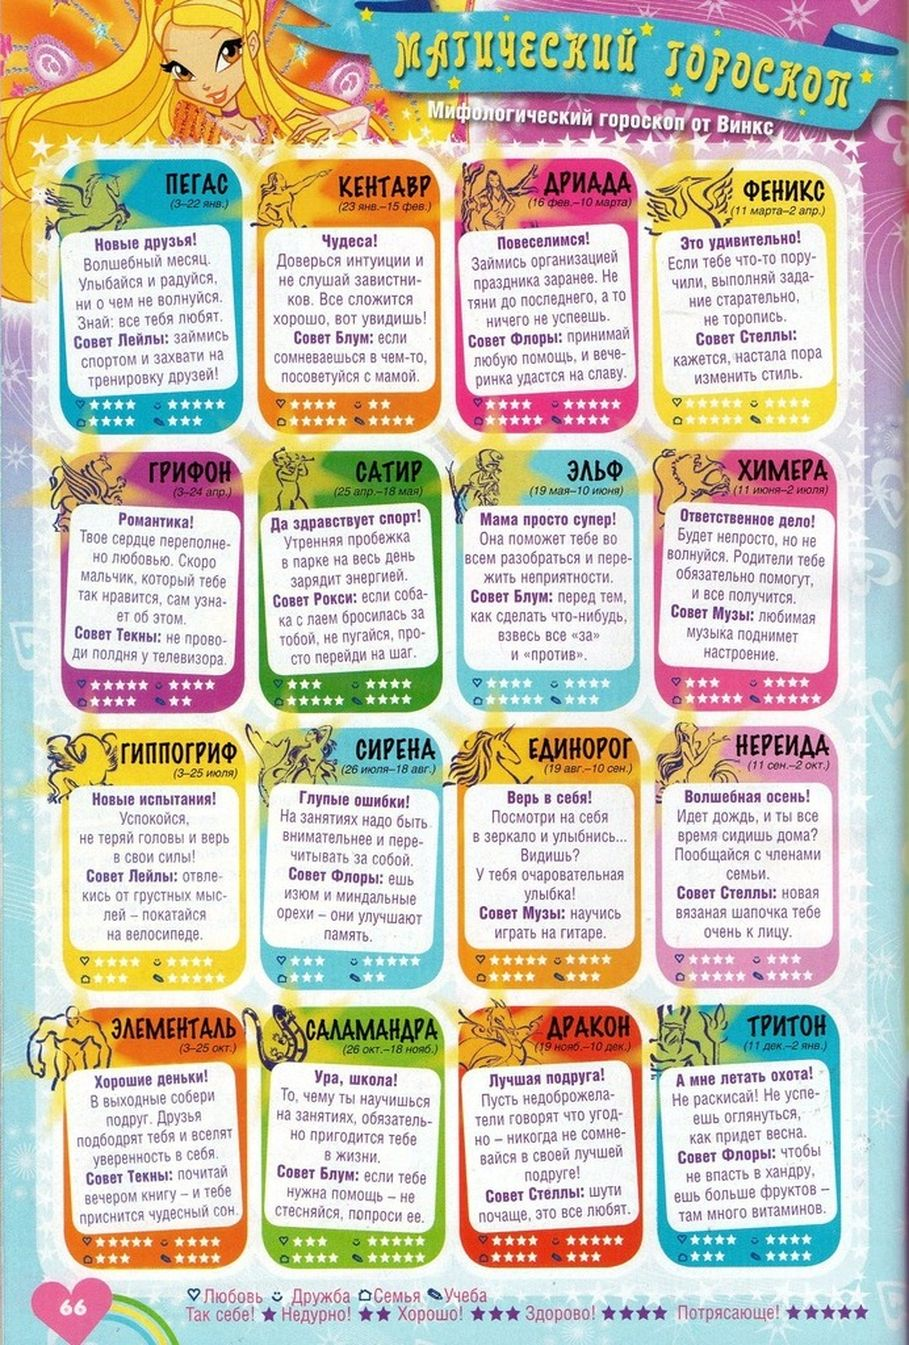 Комикс Винкс Winx - Каменные великаны (Журнал Винкс №11 2011) - стр. 62